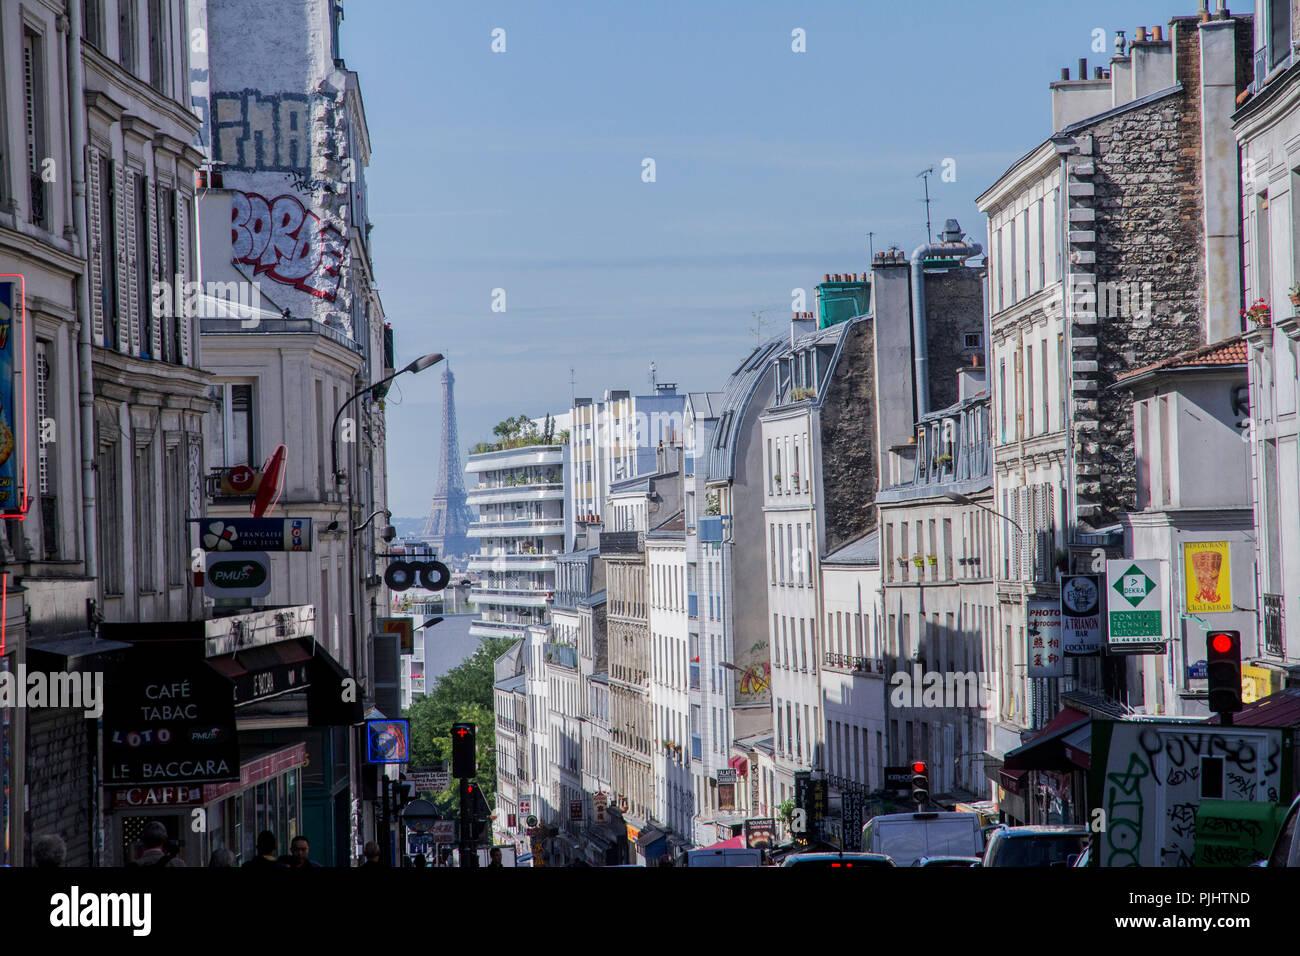 France, Paris, Belleville street, 20th arrondissement chinatown Stock Photo